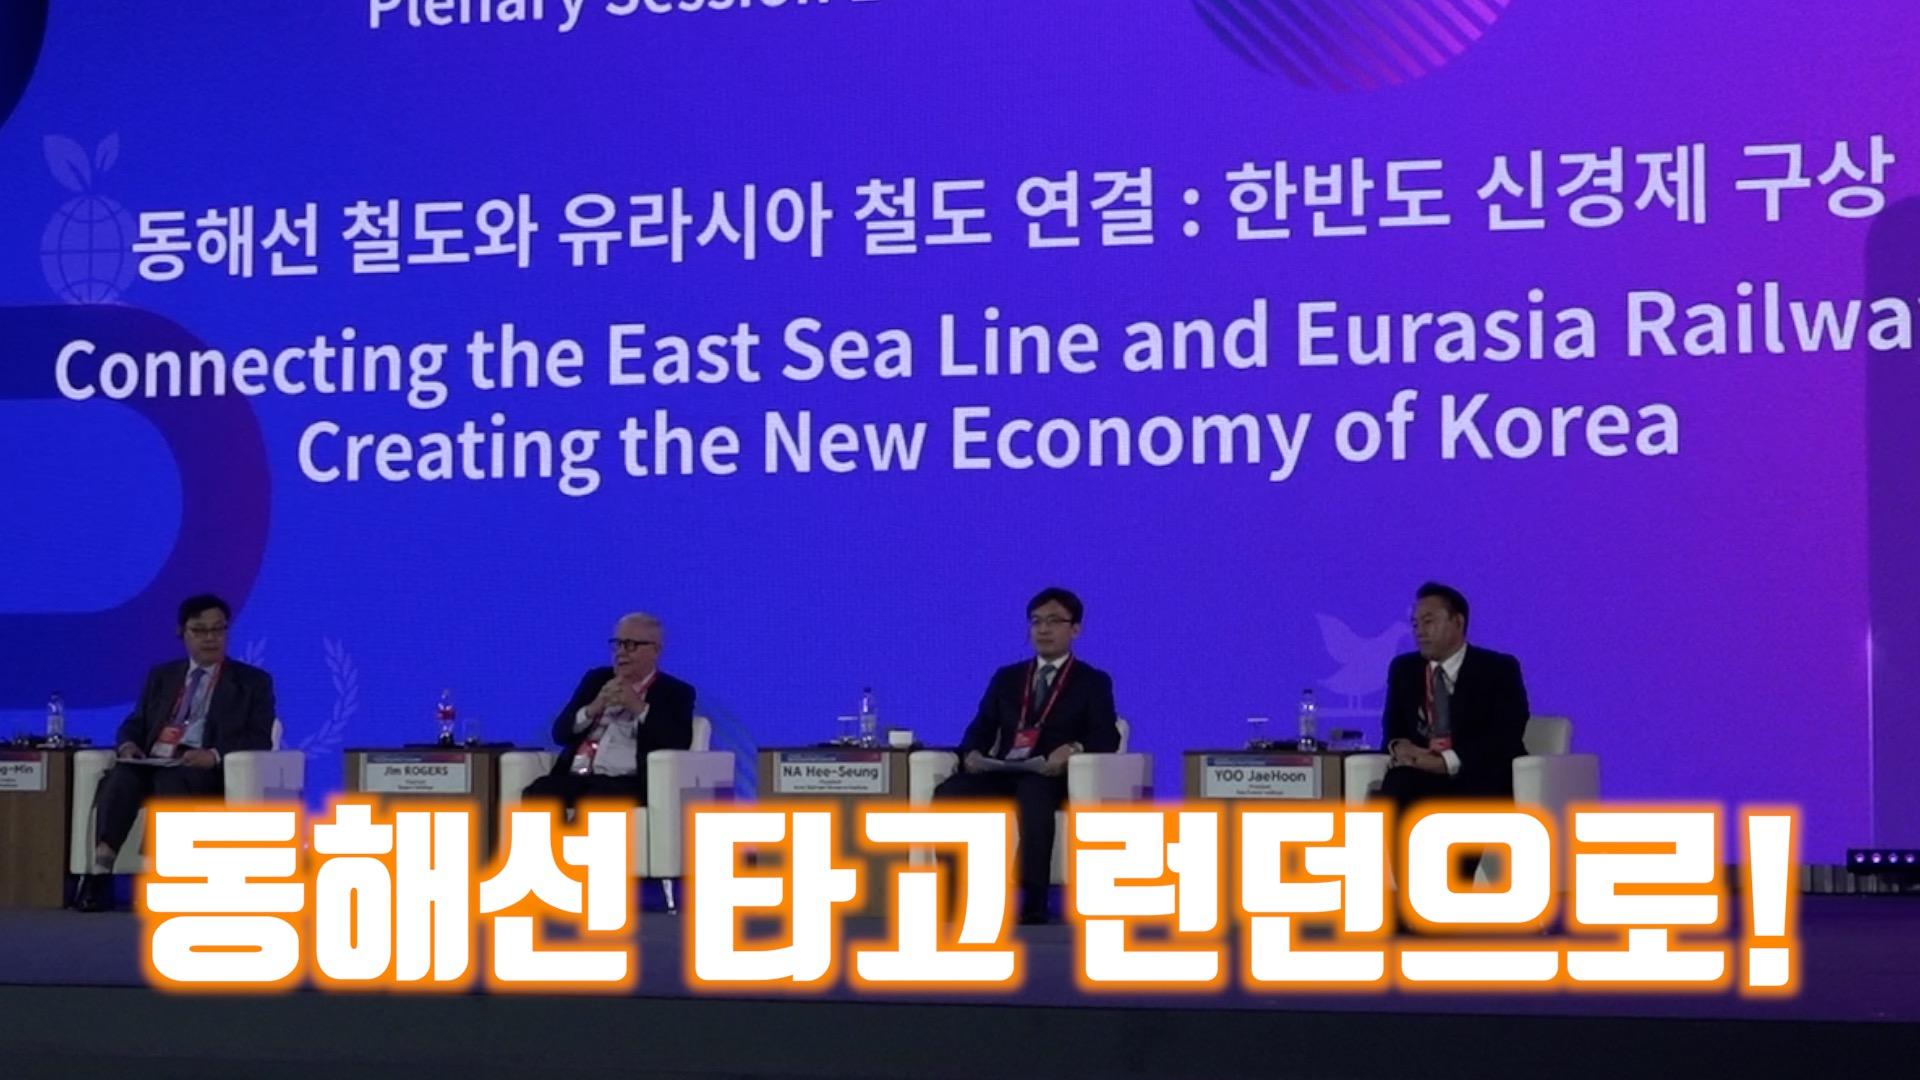 2020 평창평화포럼 '동해선철도와 유라시아 철도 연결' 토론회